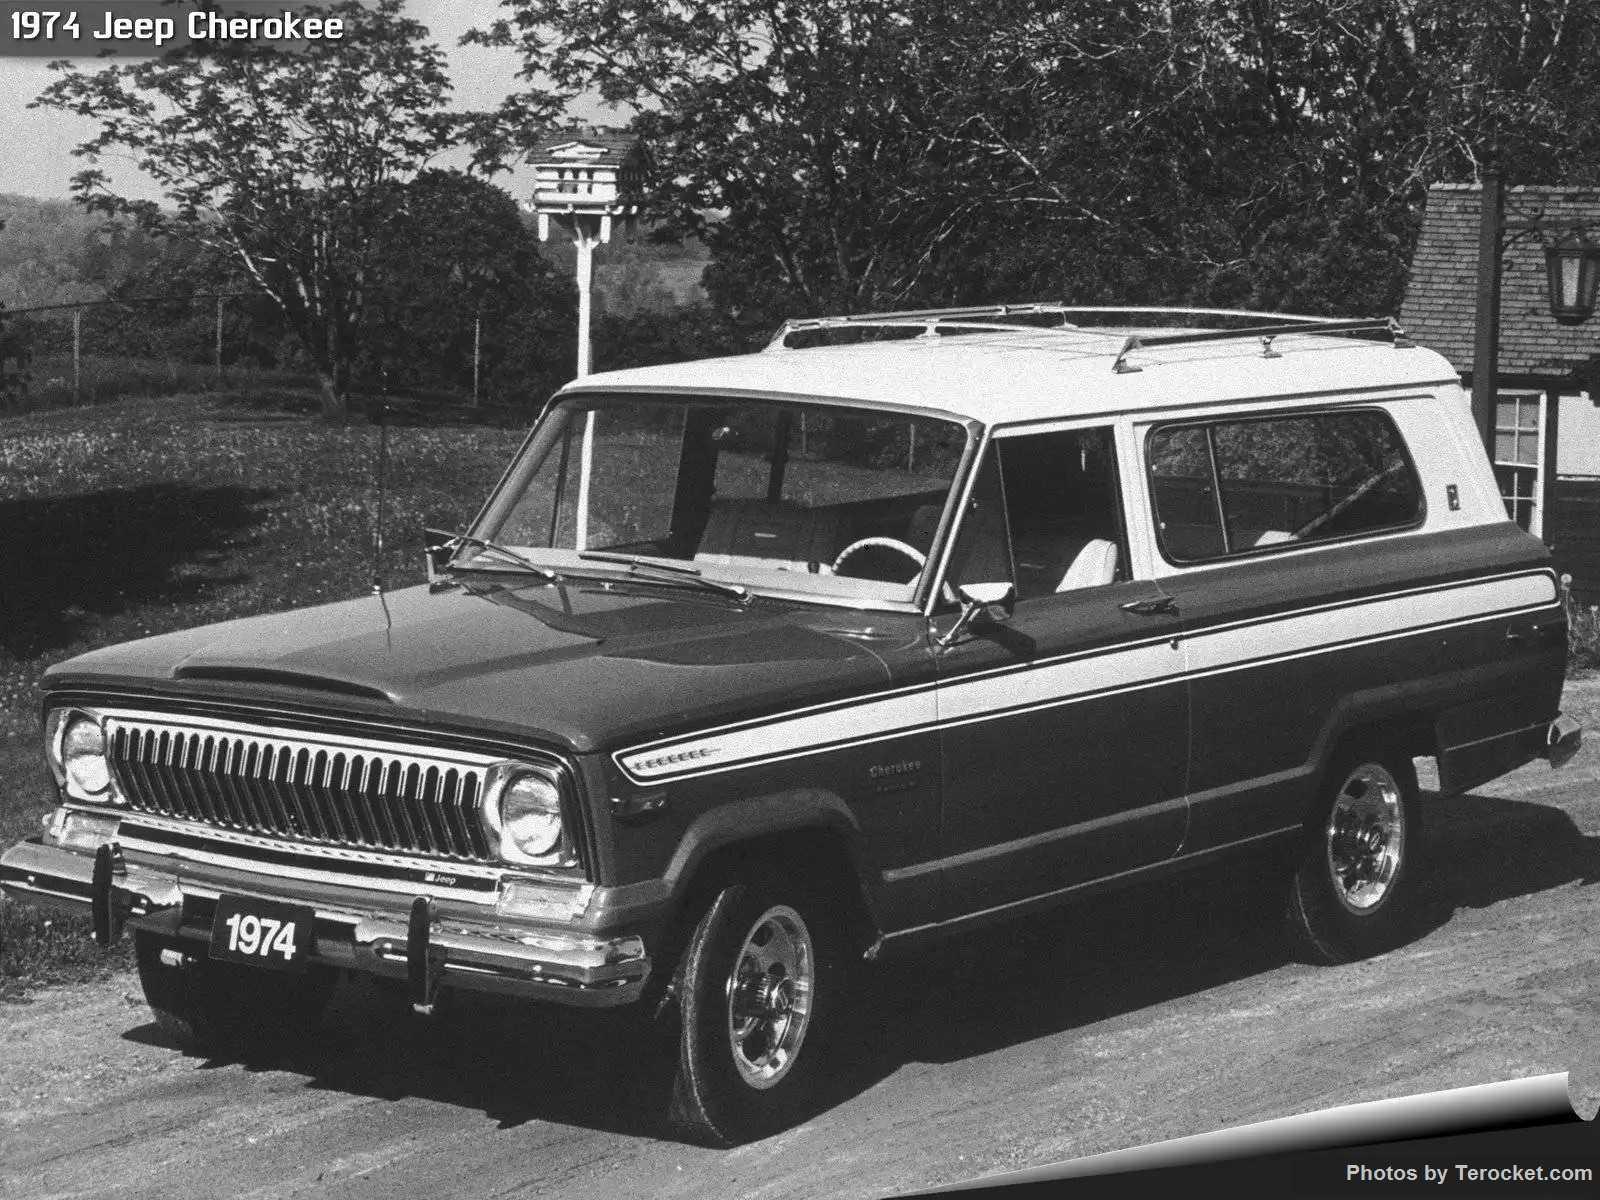 Hình ảnh xe ô tô Jeep Cherokee 1974 & nội ngoại thất